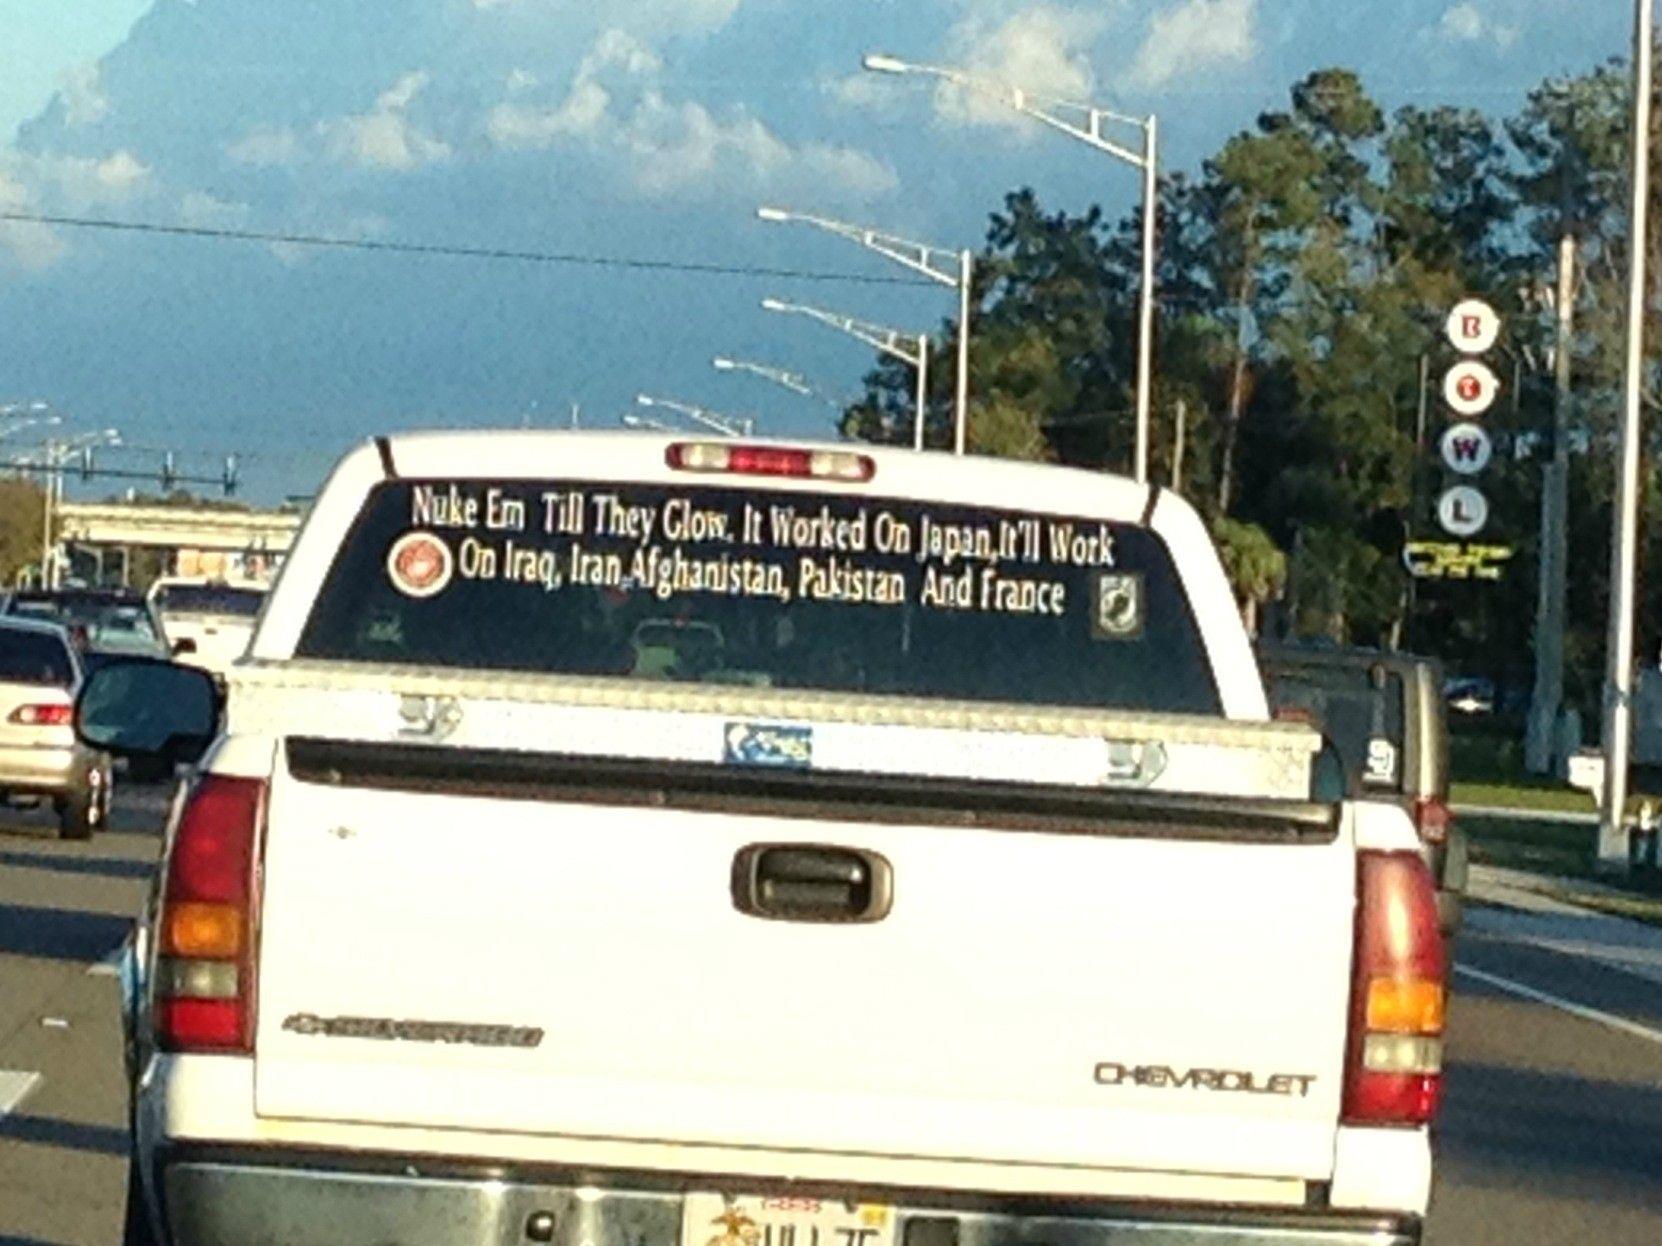 Rated R Redneck Bumper Sticker Redneckified Pinterest - Redneck window decals for trucks